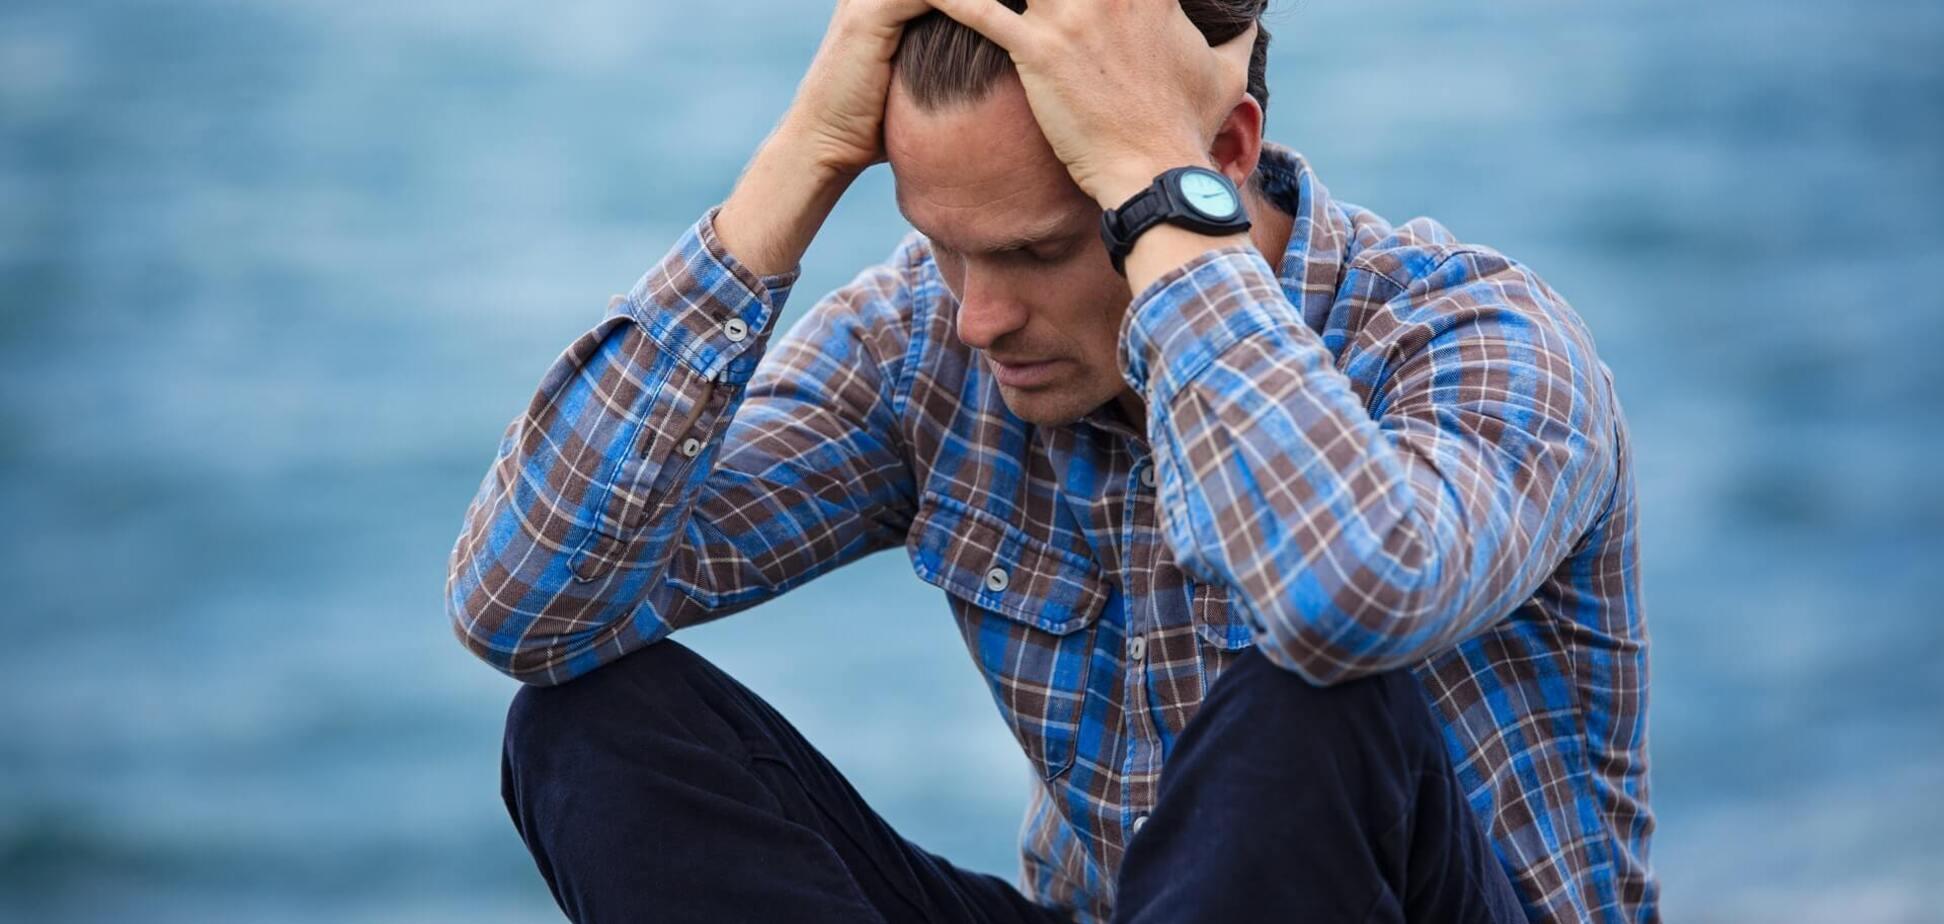 Криза середнього віку: хто схильний і як пережити